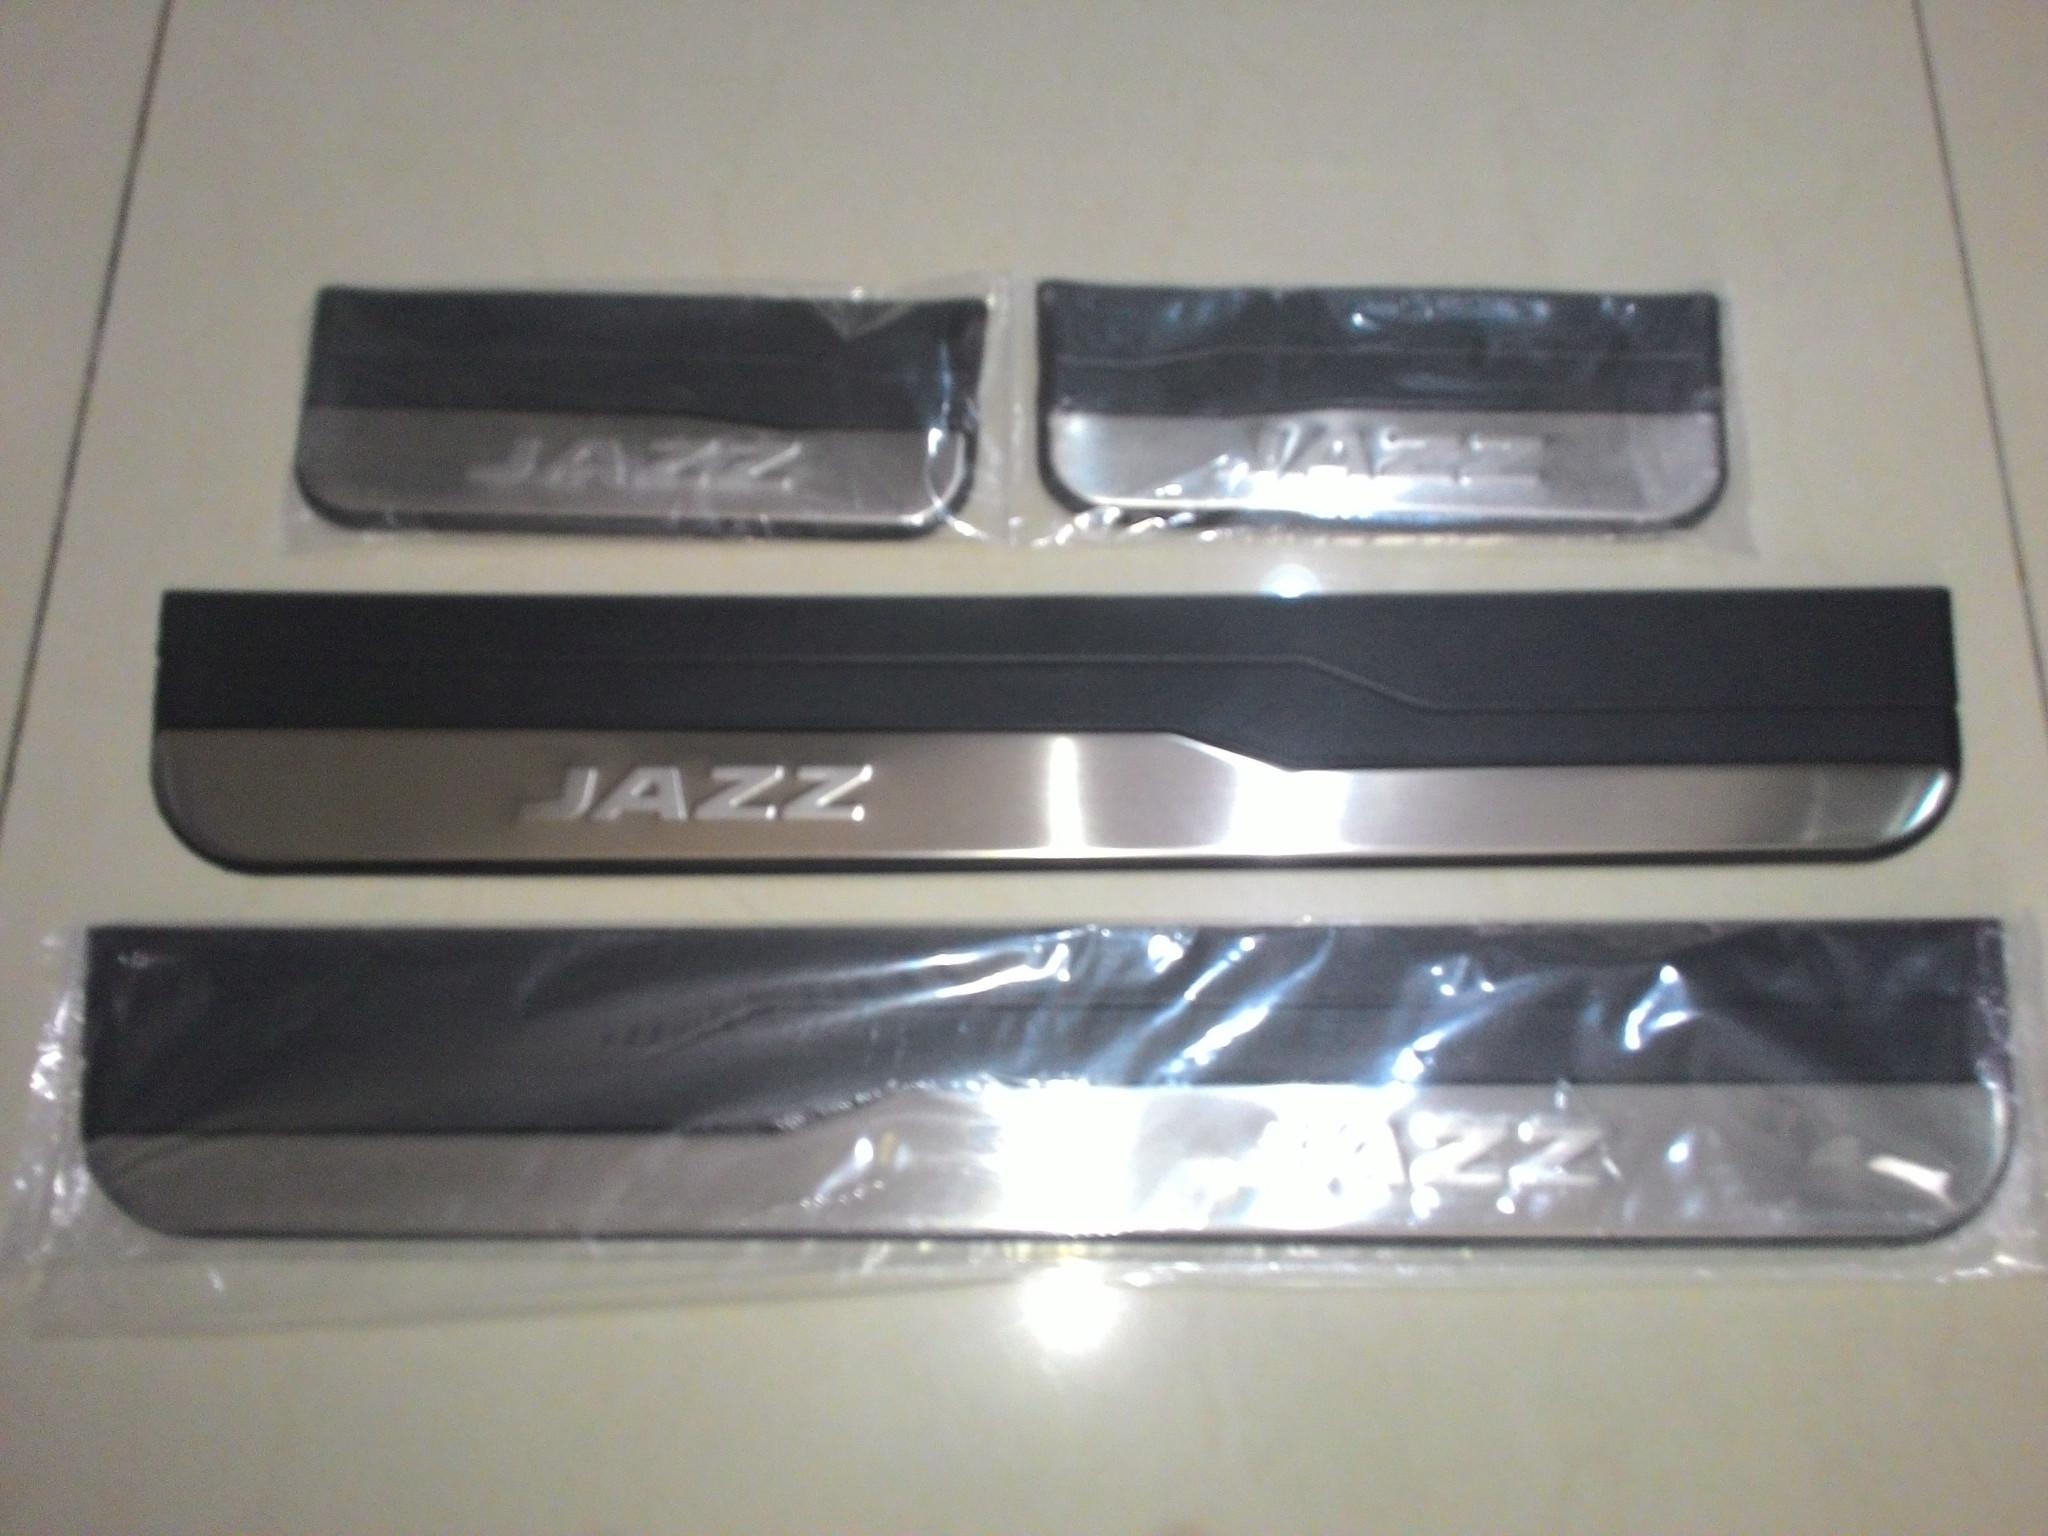 Sillplate Samping Stanless Kombinasi Jazz